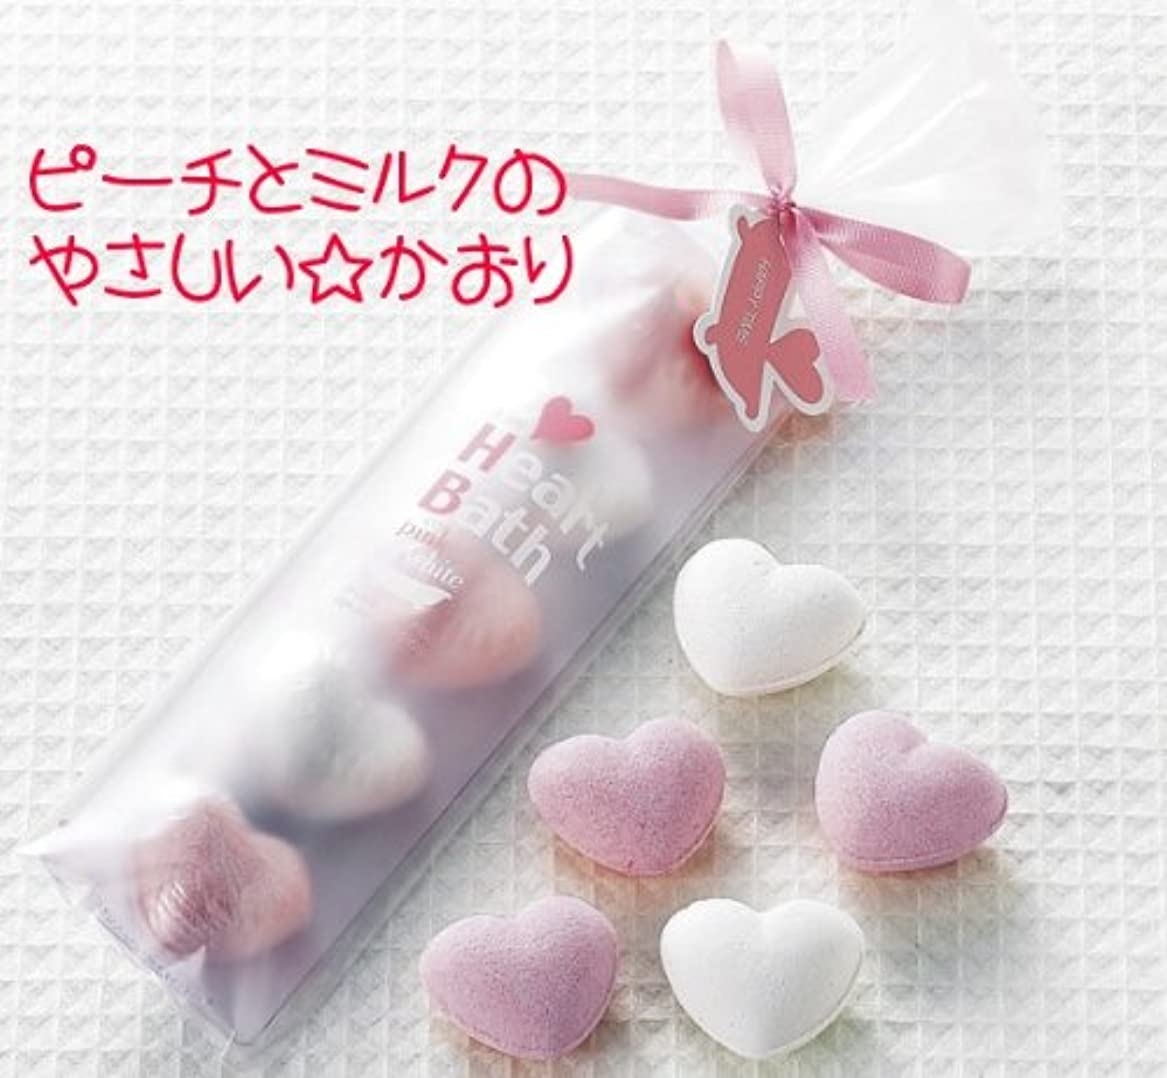 マリン散らすフォアタイプハートの入浴剤 ピーチ&ミルク